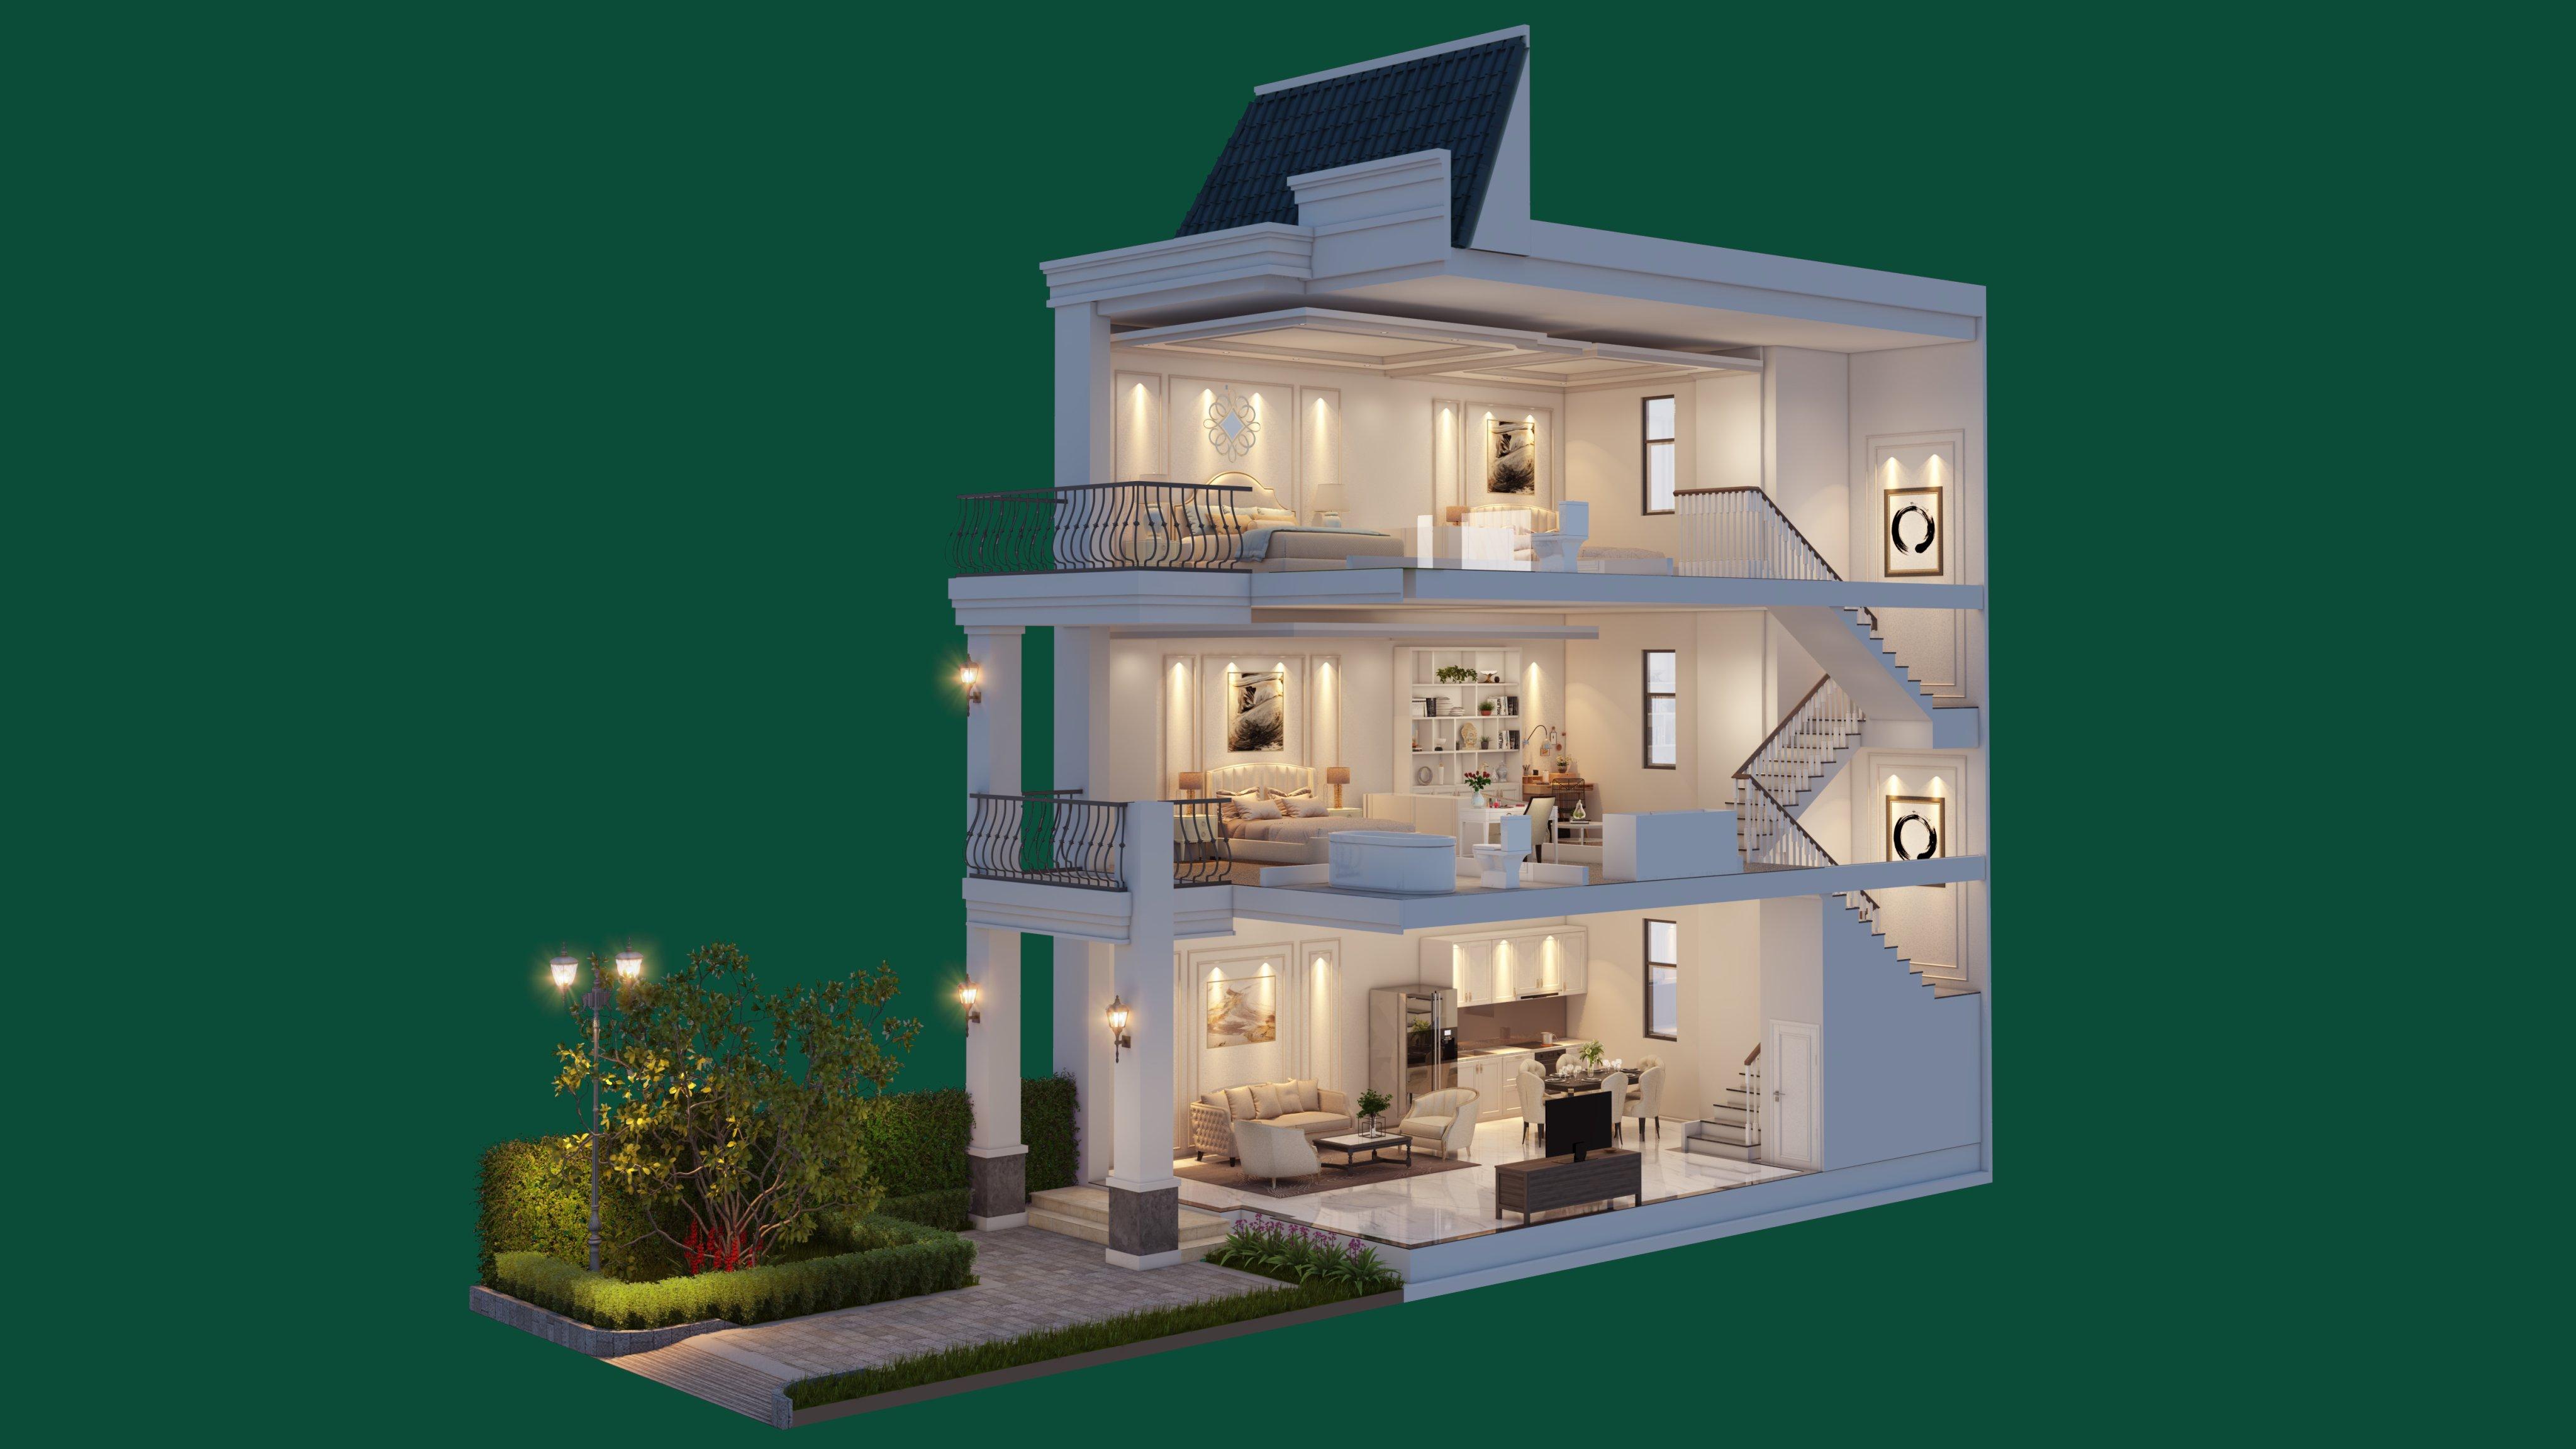 Thiết kế sang trọng - đẳng cấp bậc nhất tại Thành phố nghỉ dưỡng West Lakes Golf & Villas - Hình 3